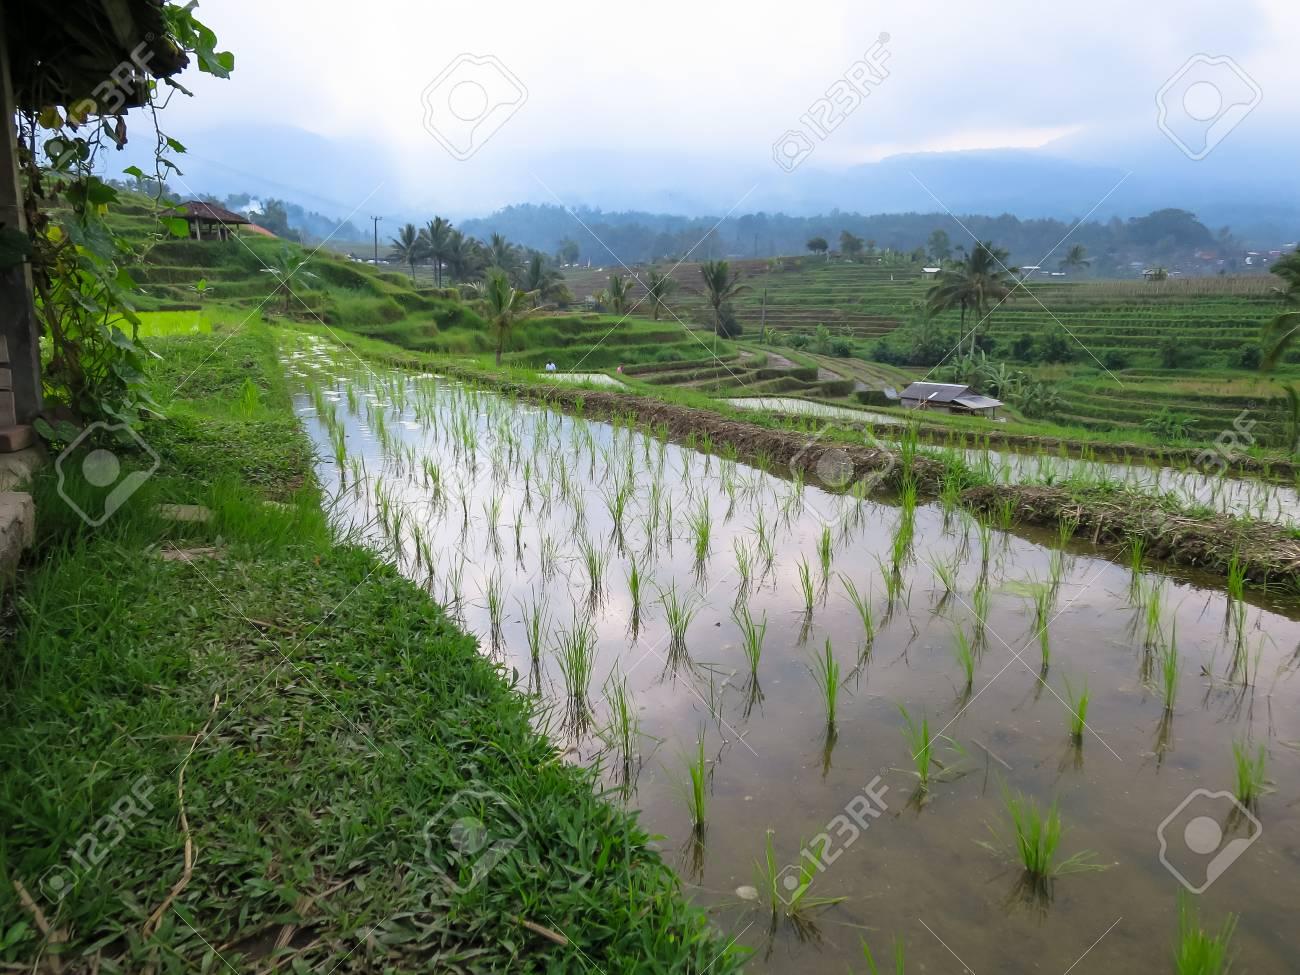 Arroz Verde Brota En Campos De Arroz En Terrazas De Arroz Con Líneas Curvas Y Vista A La Montaña Y Kioscos Locales